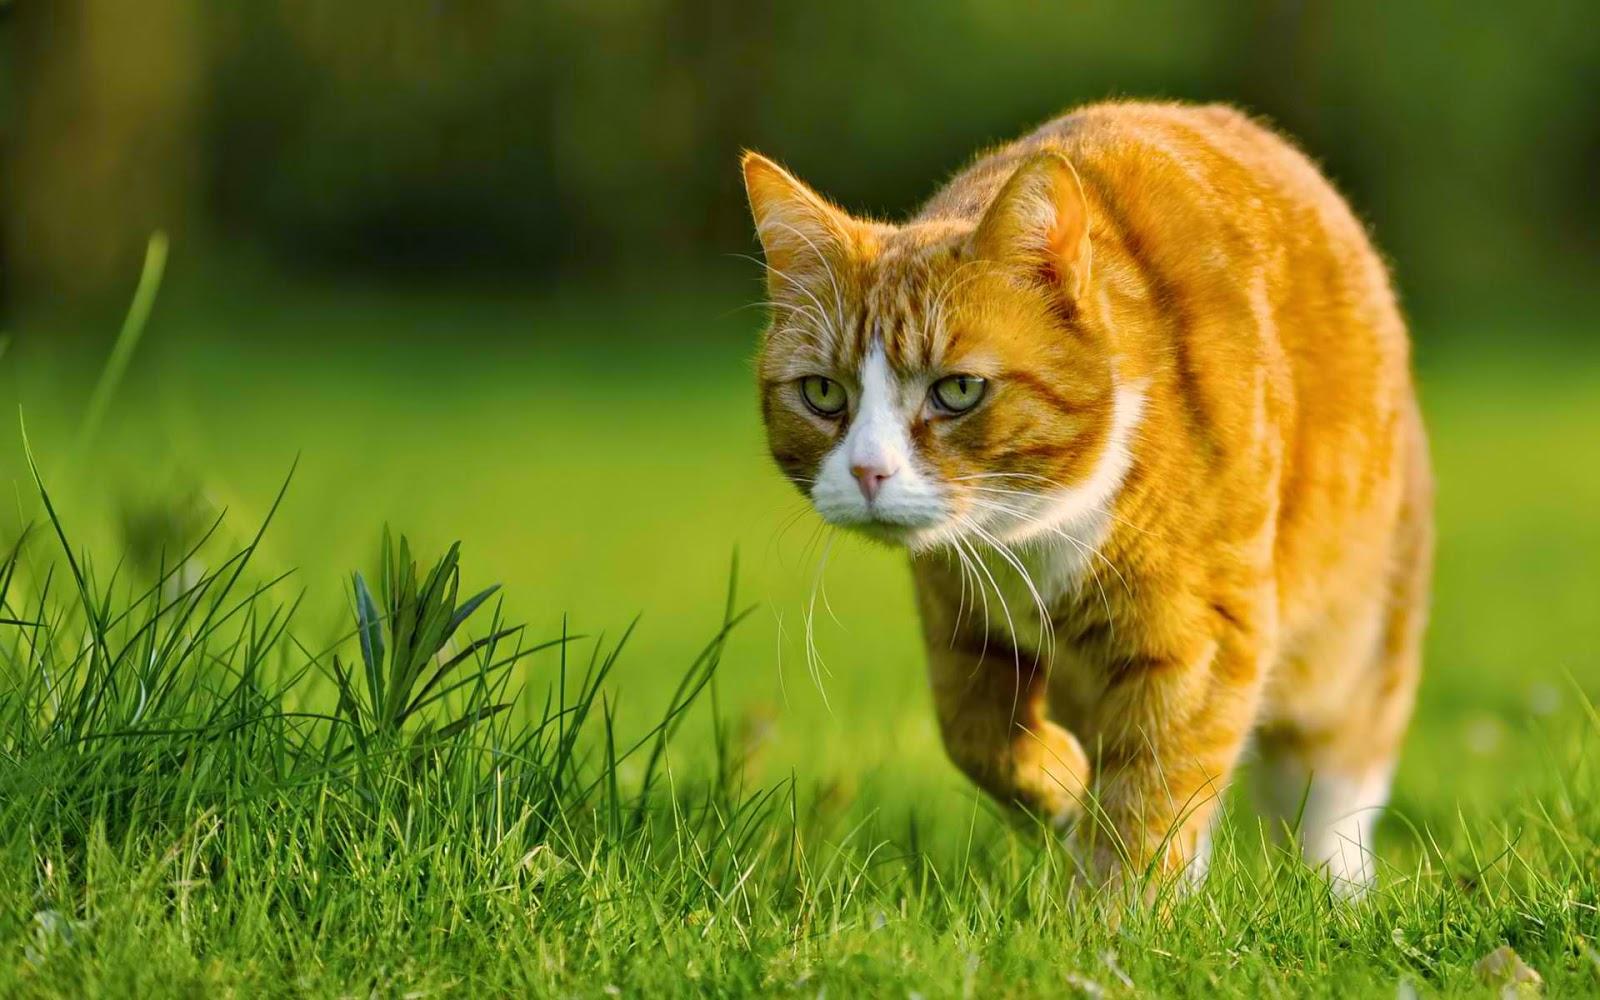 A cat preparing to hunt